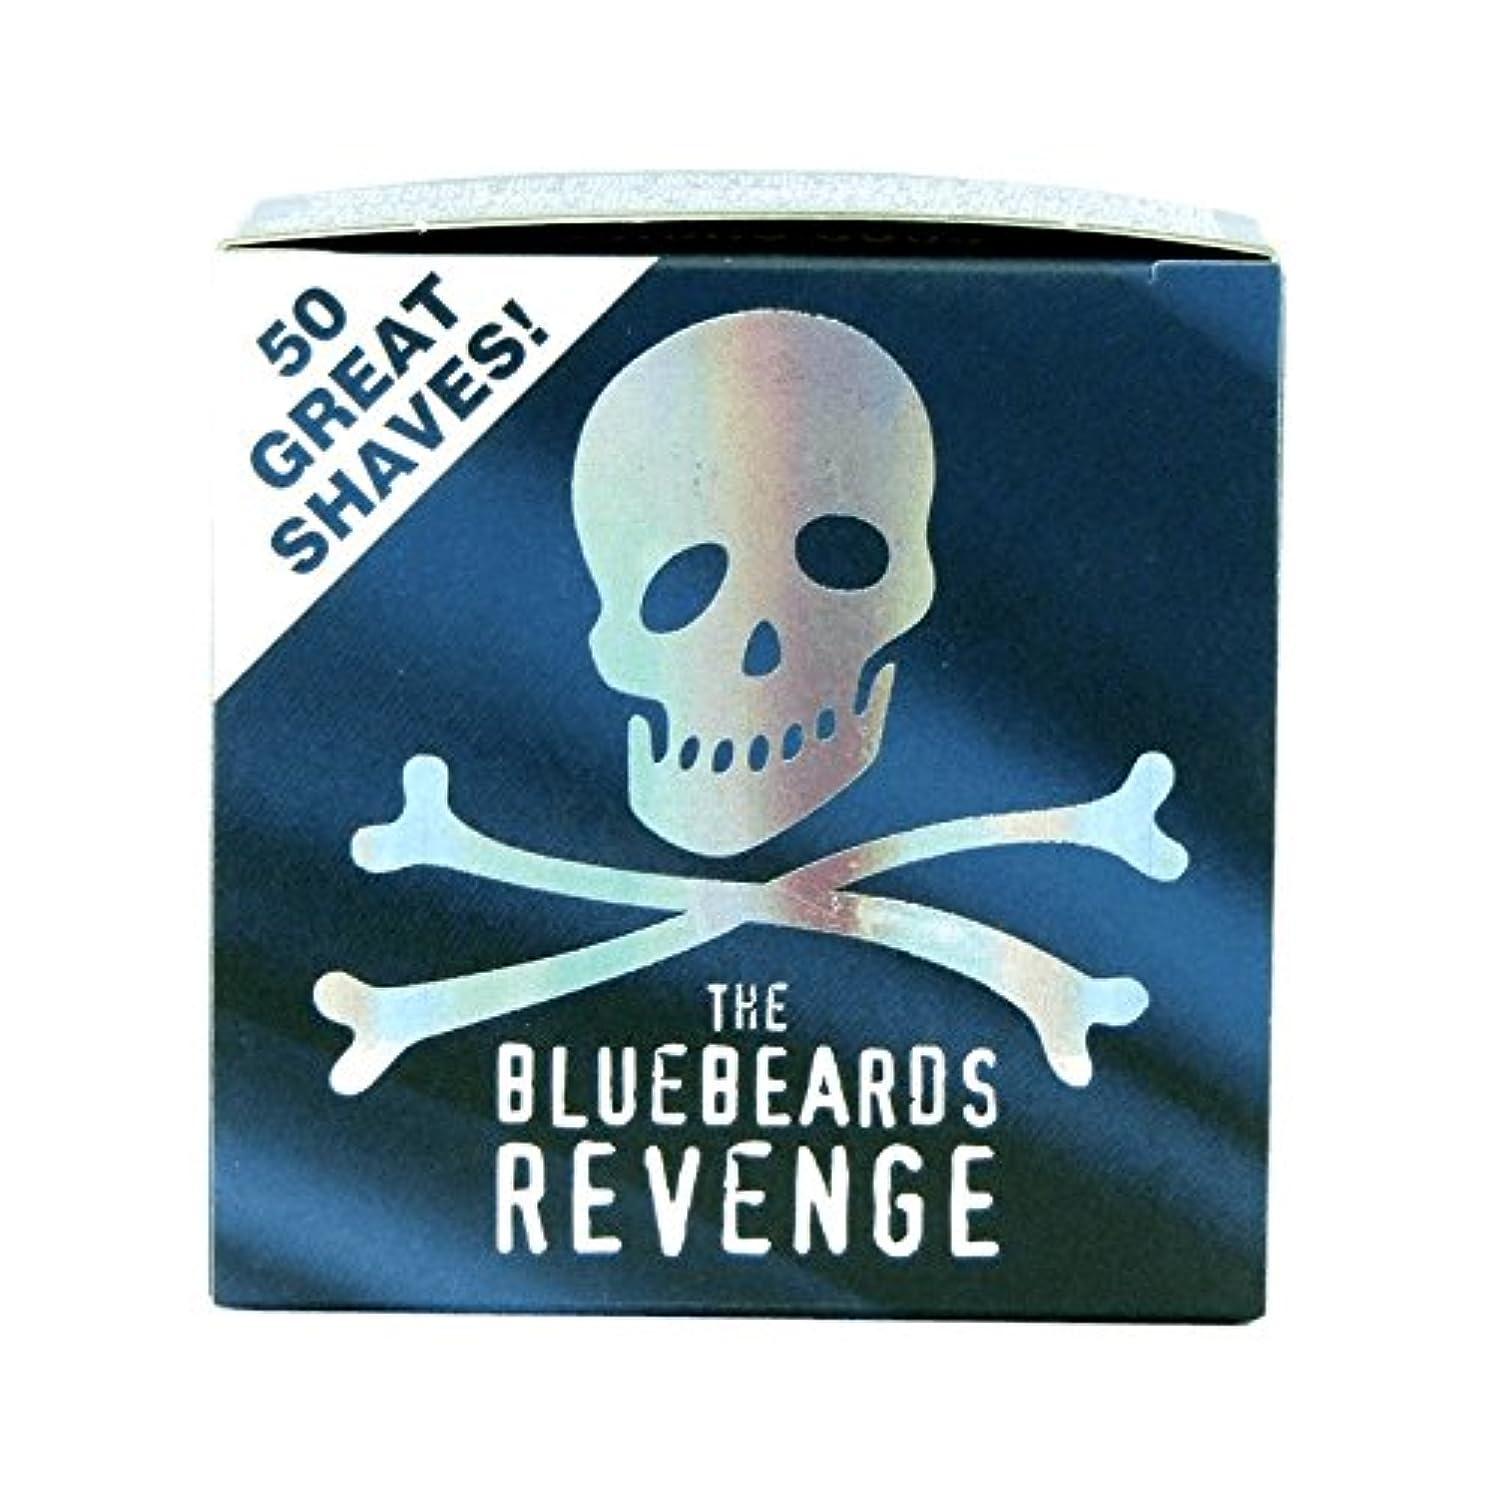 ダンス参照するうぬぼれブルービアーズ復讐のシェービングクリーム - Bluebeards Revenge Shave Cream (Bluebeards Revenge) [並行輸入品]